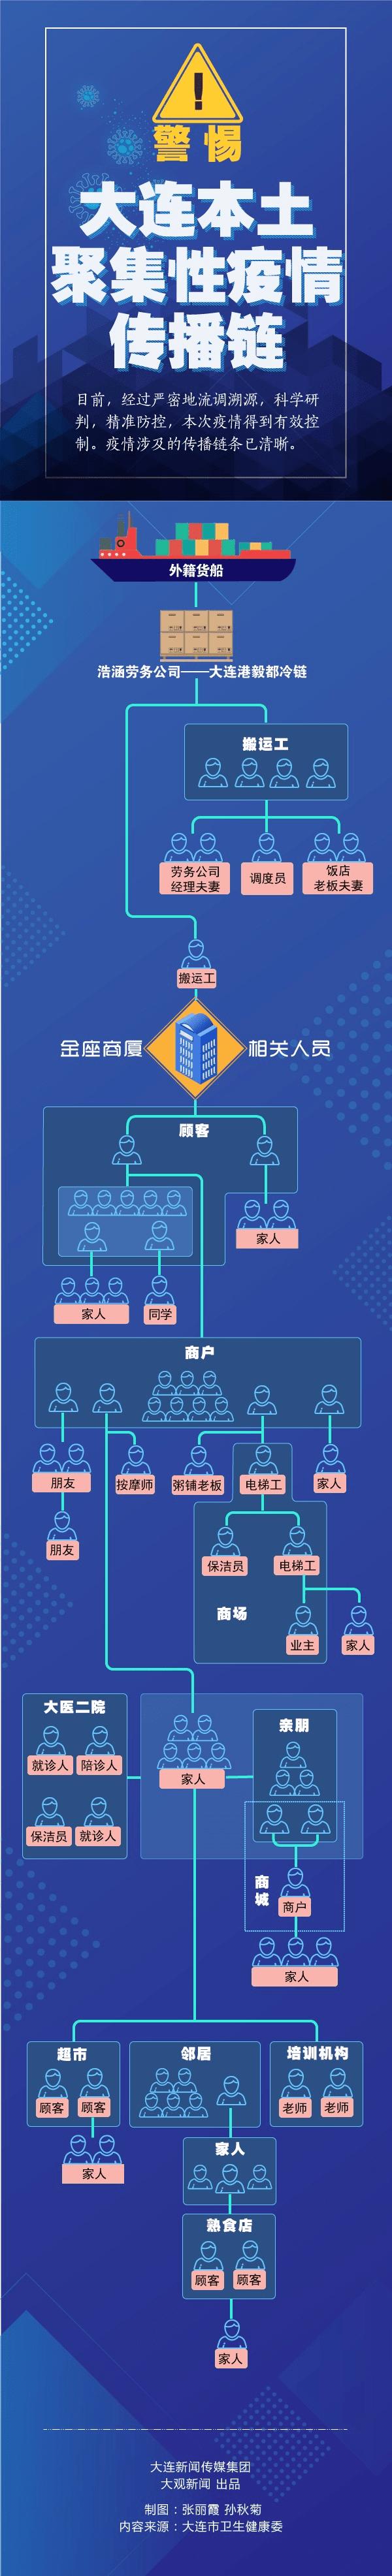 图解大连疫情传播链